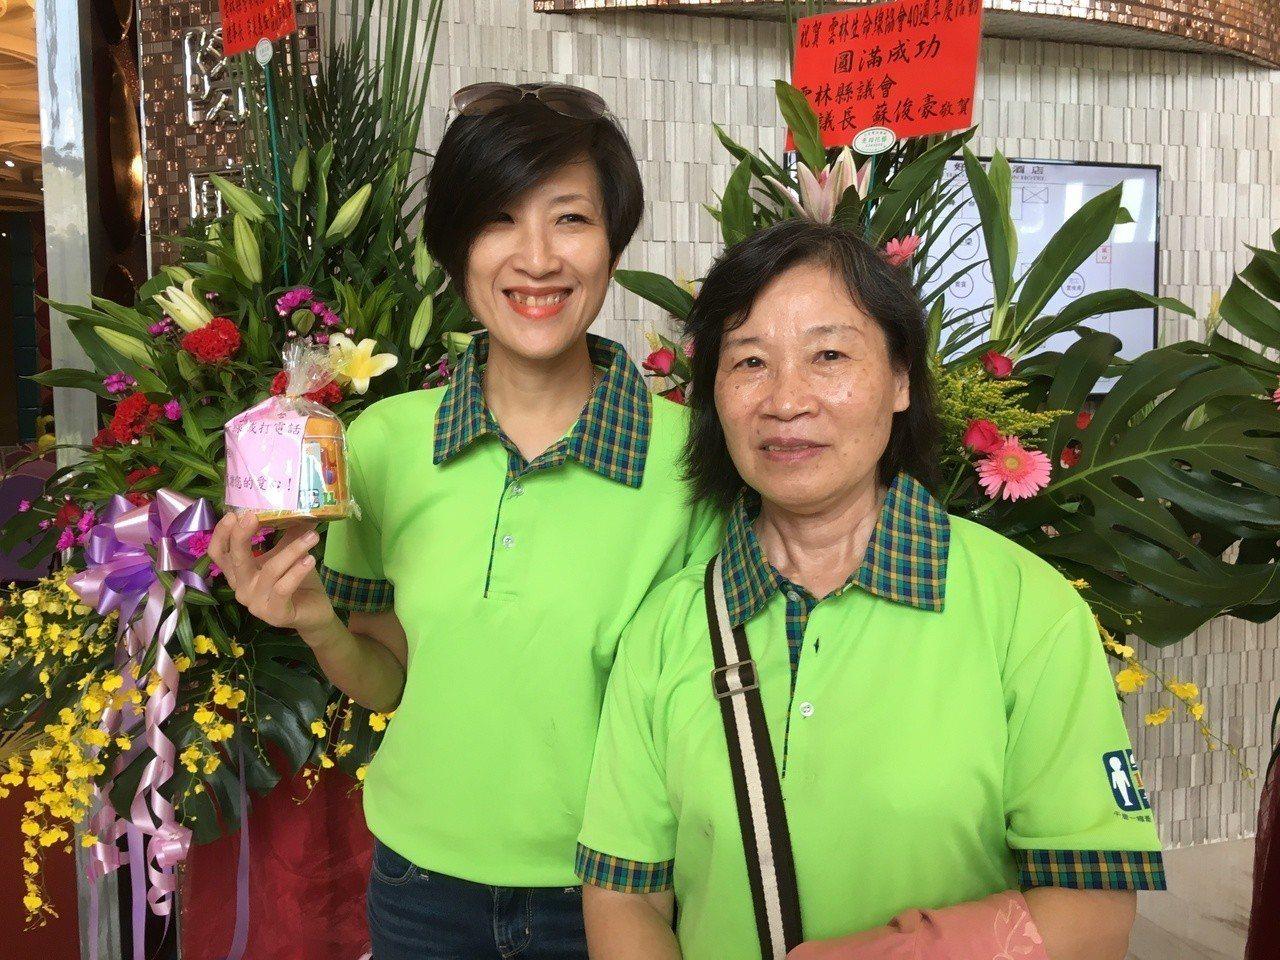 雲林縣生命縣協會今天歡慶40周年,志工王惠結(右)接線近20年,曾陪伴無助的家暴...